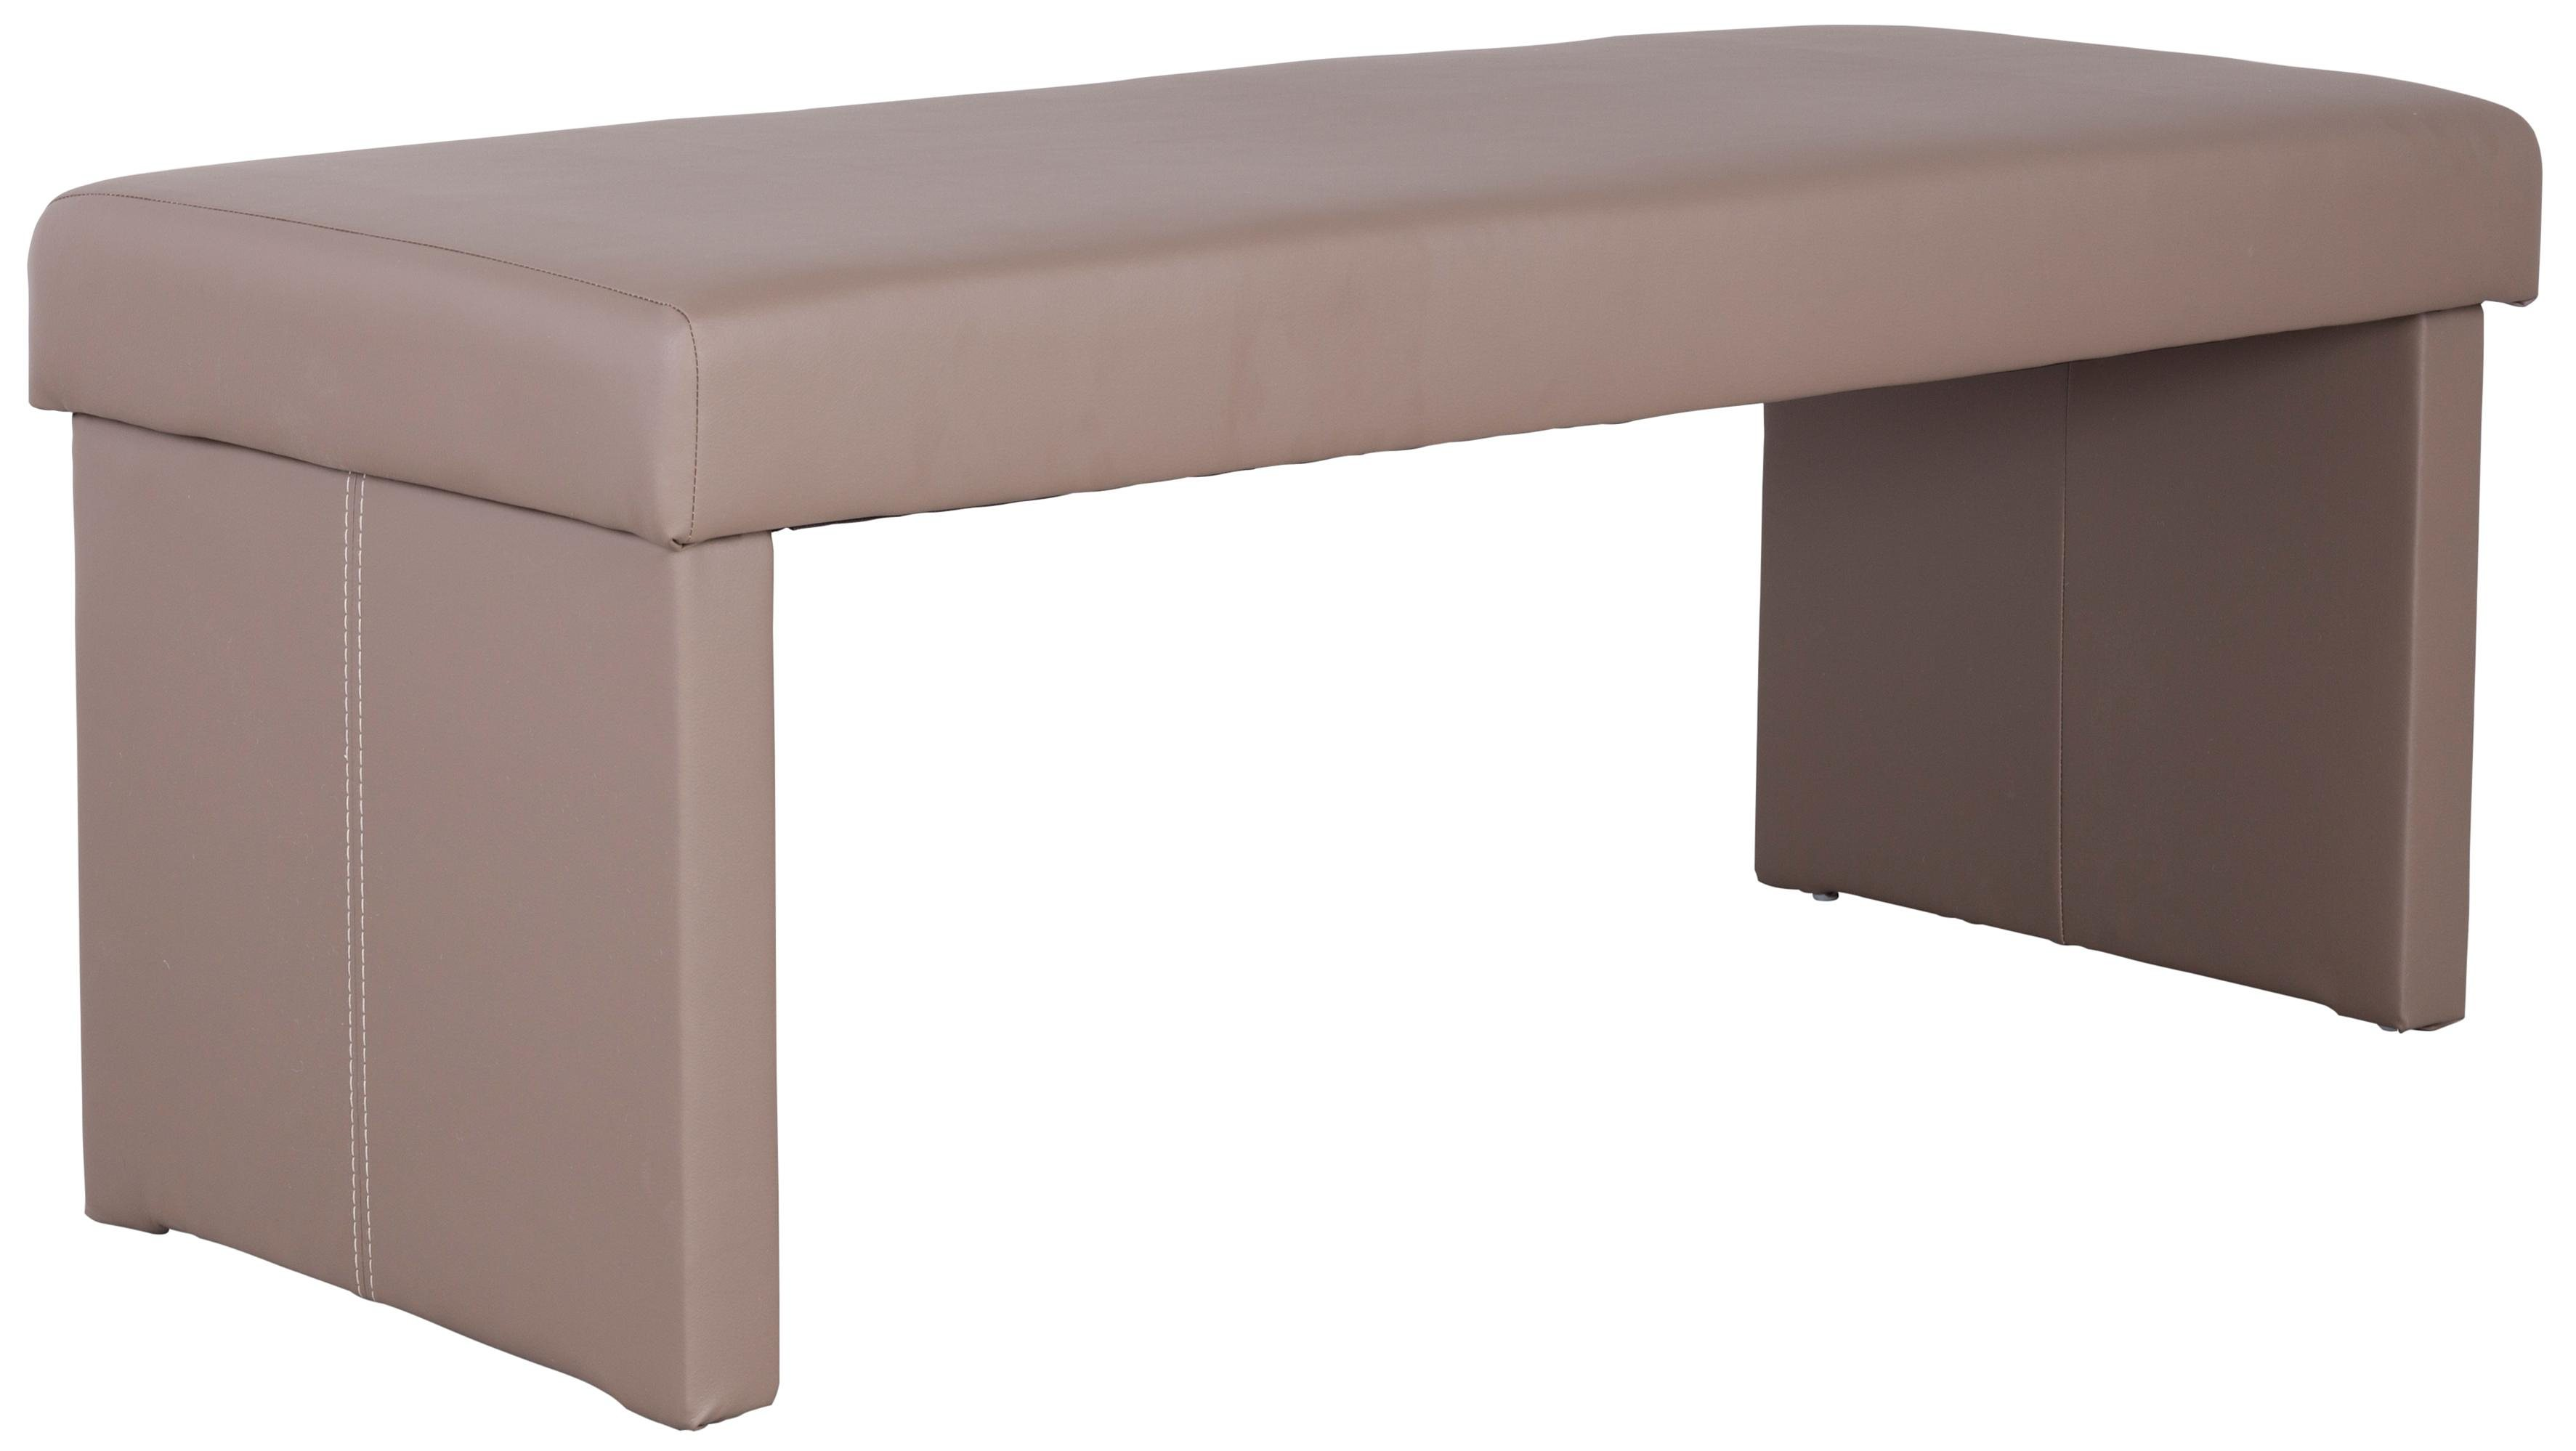 Sitzbank, Breite 120 cm